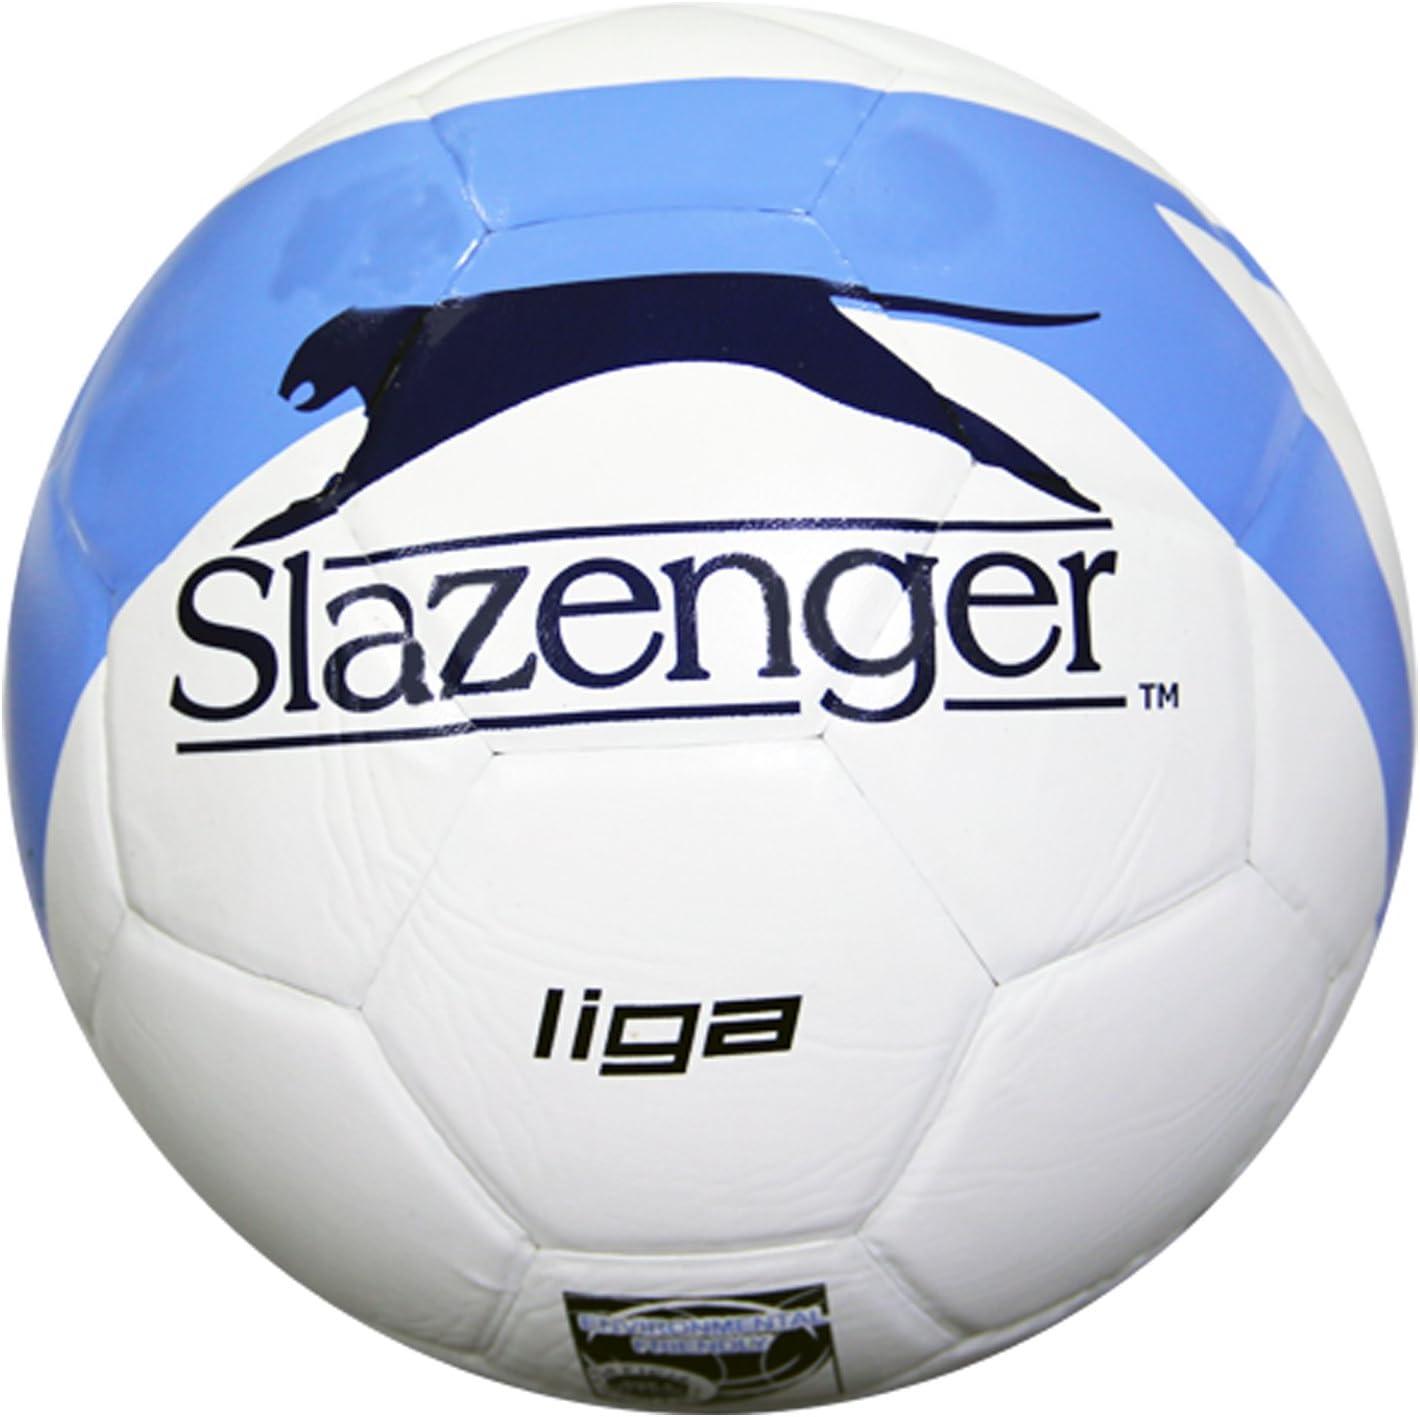 Slazenger Liga - Balón de fútbol (PVC, Piel, tamaño 5), Color Blanco y Azul Marino: Amazon.es: Deportes y aire libre